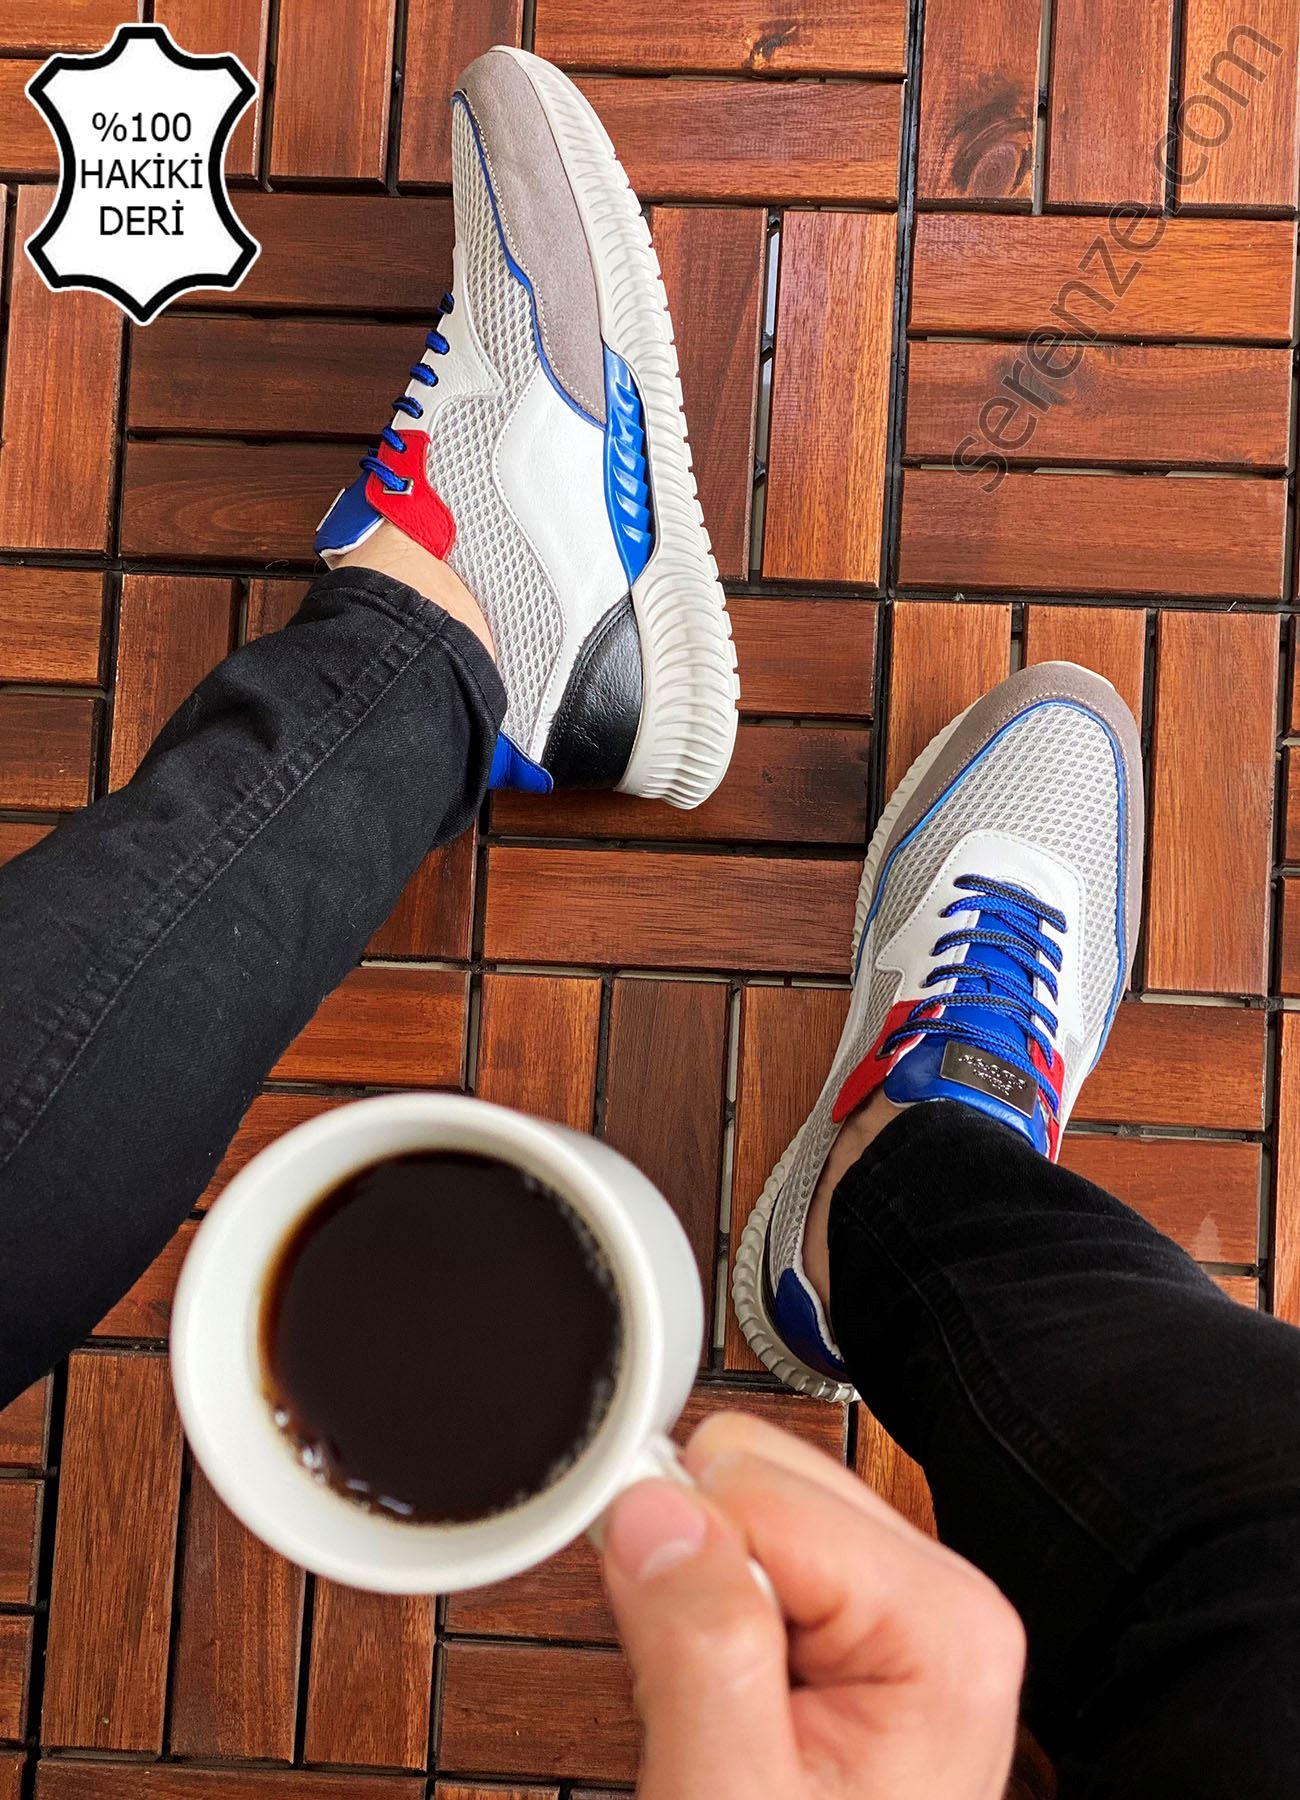 Beyaz Mavi Hakiki Deri Erkek Spor Ayakkabı